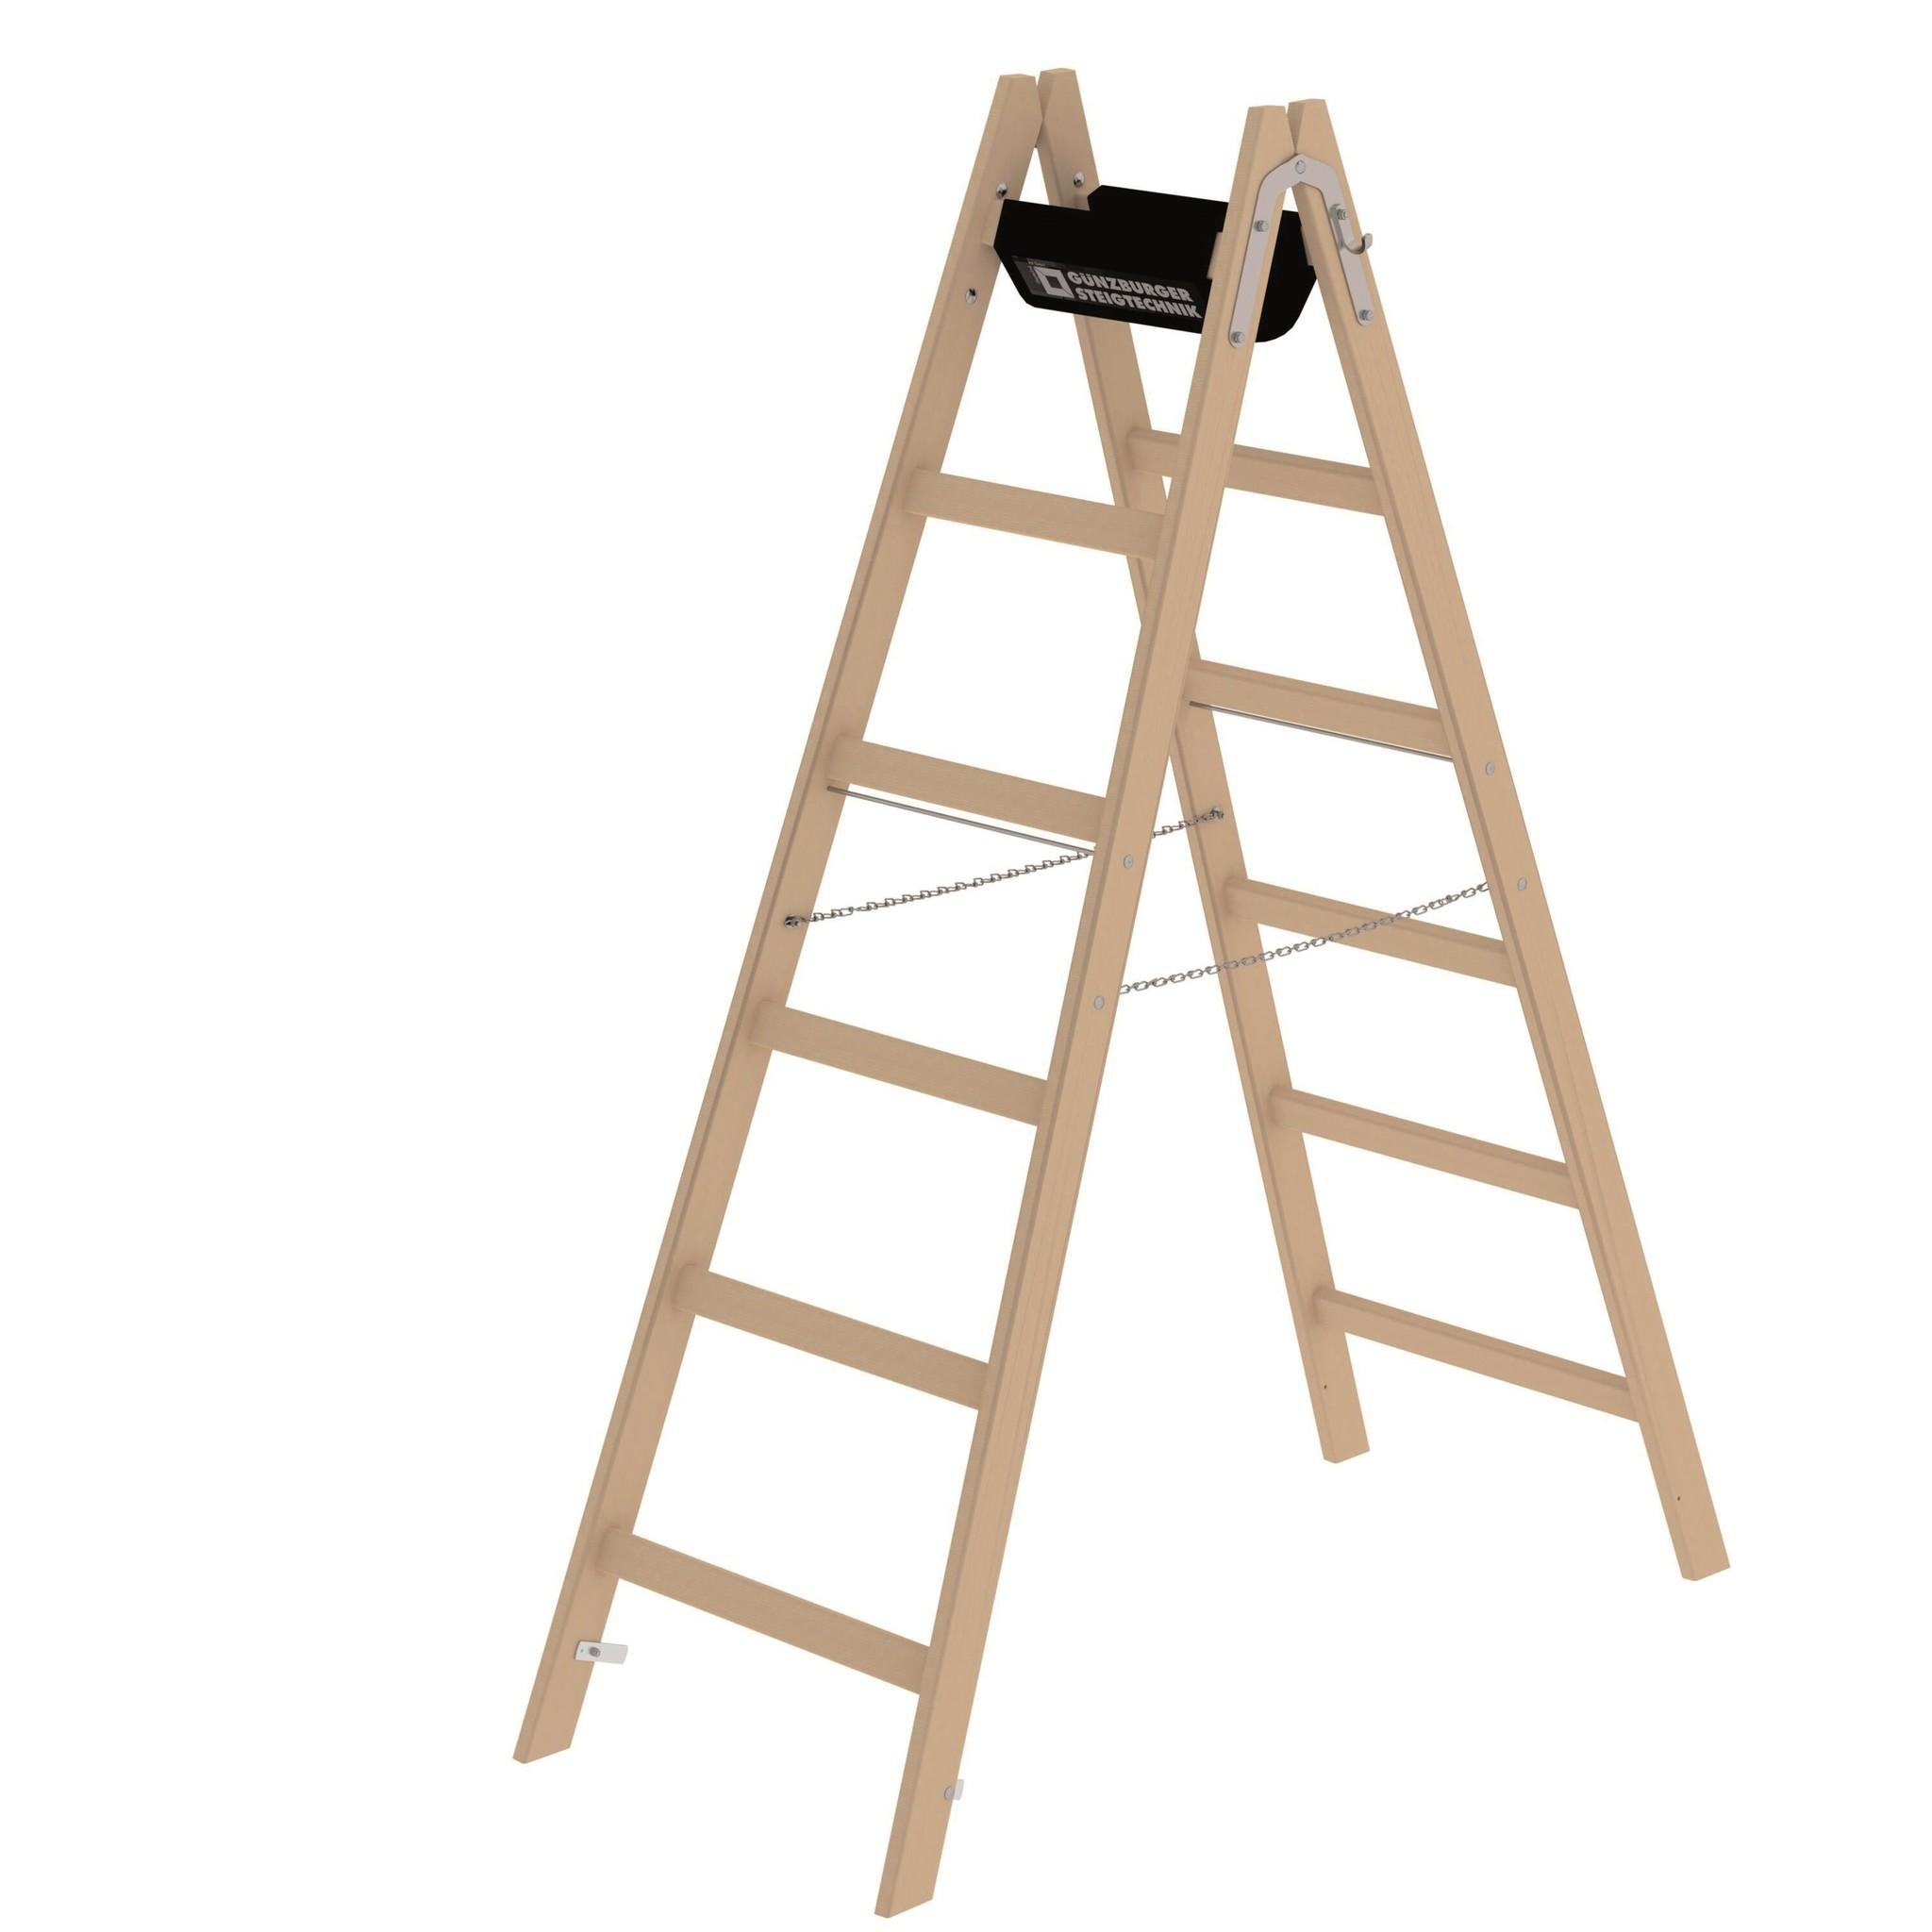 Houten dubbele ladders